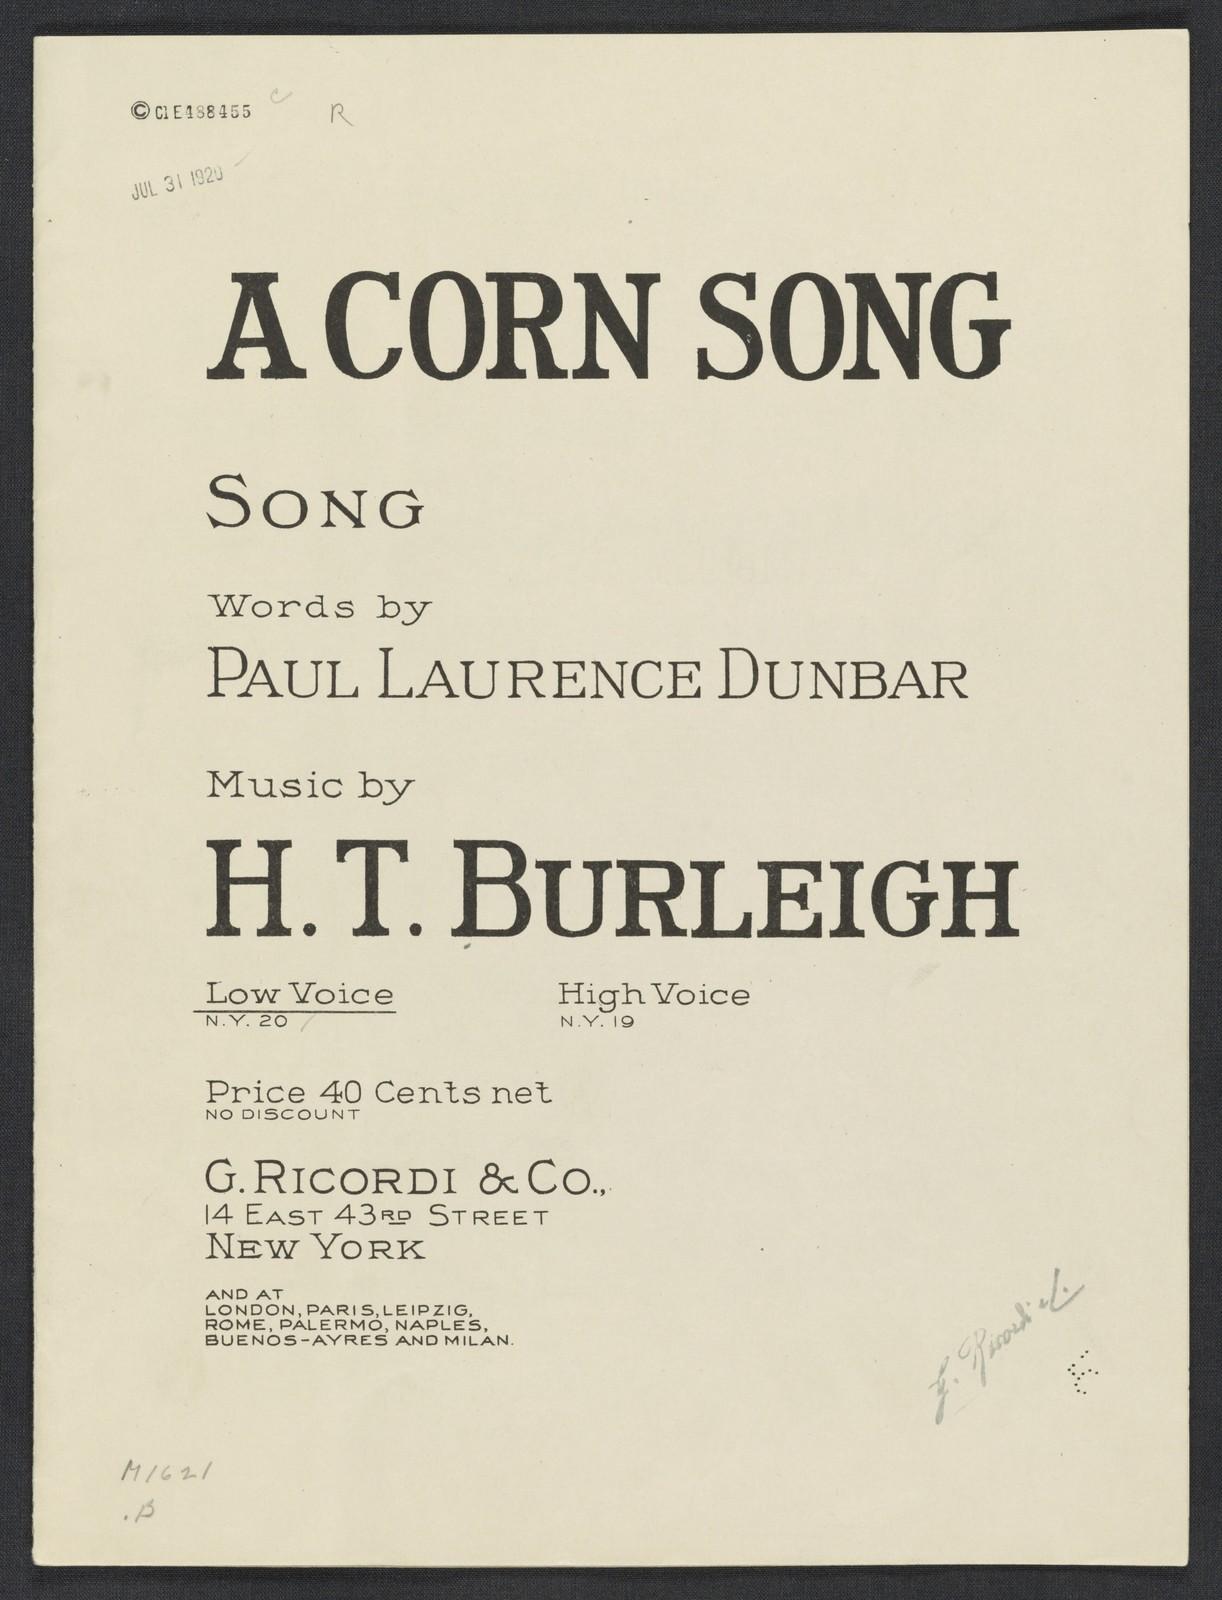 A  corn song song